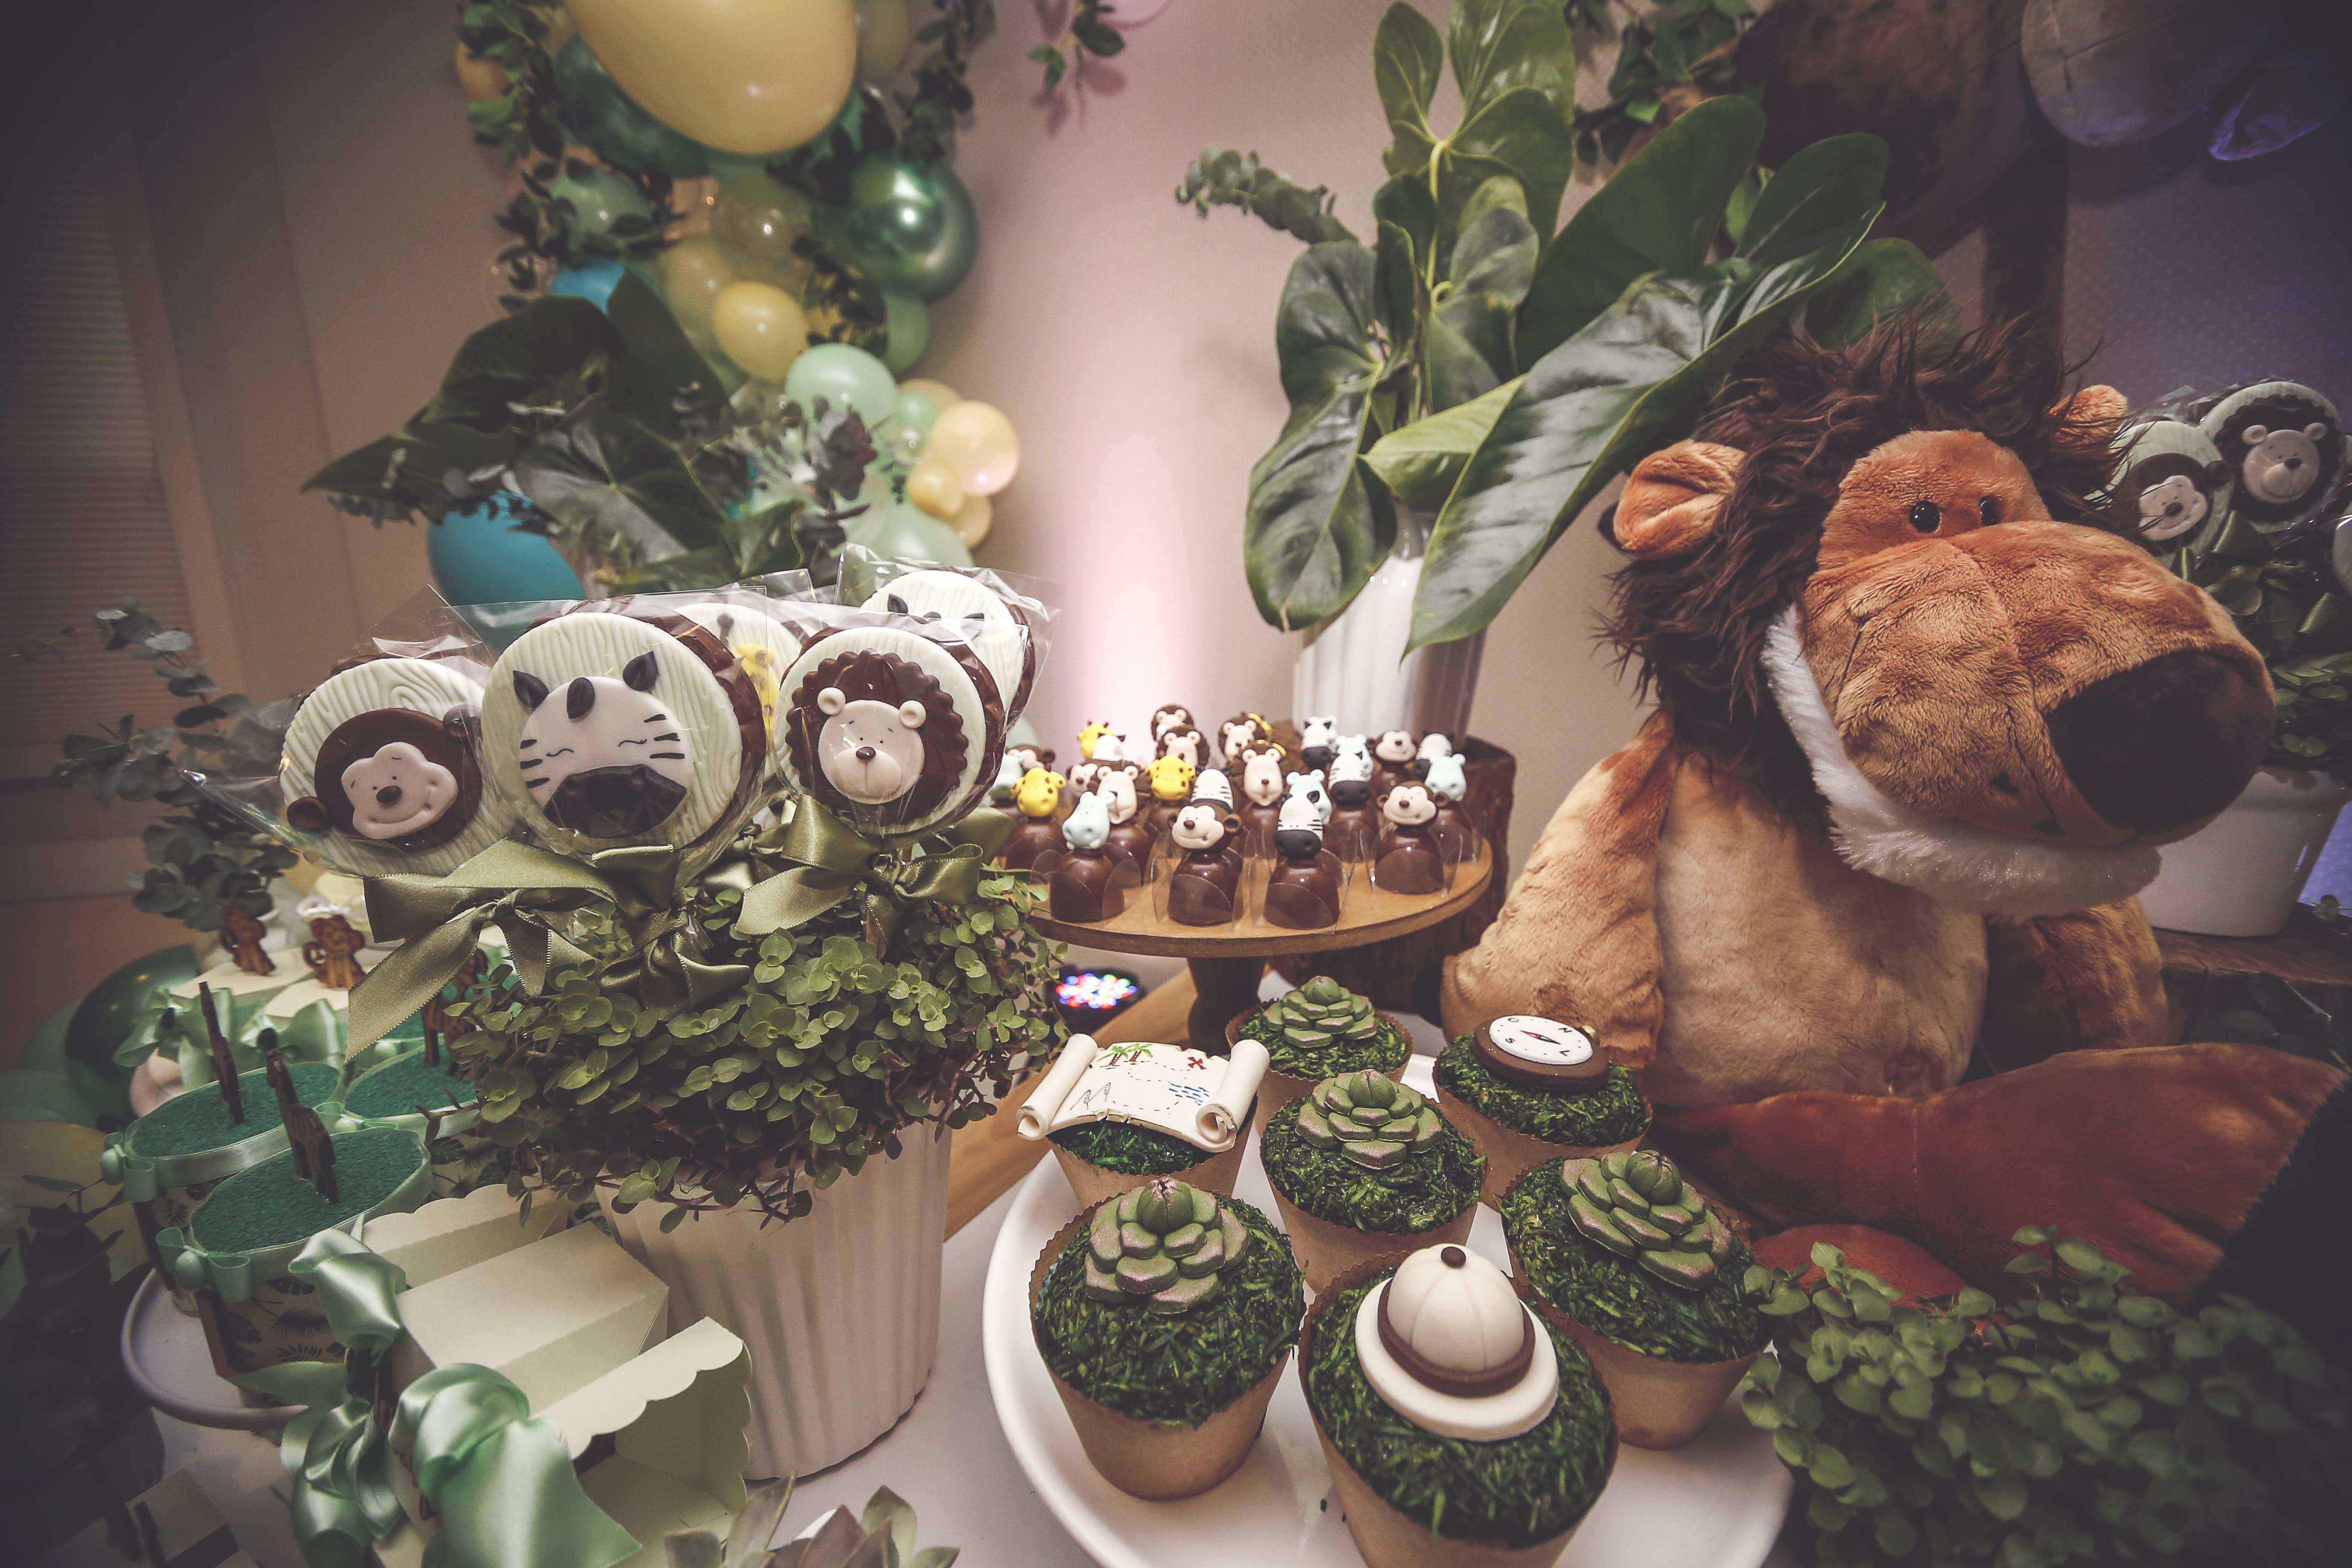 Δωρεάν στοκ φωτογραφιών με γλυκά, διακόσμηση, εορτασμός, επιδόρπιο